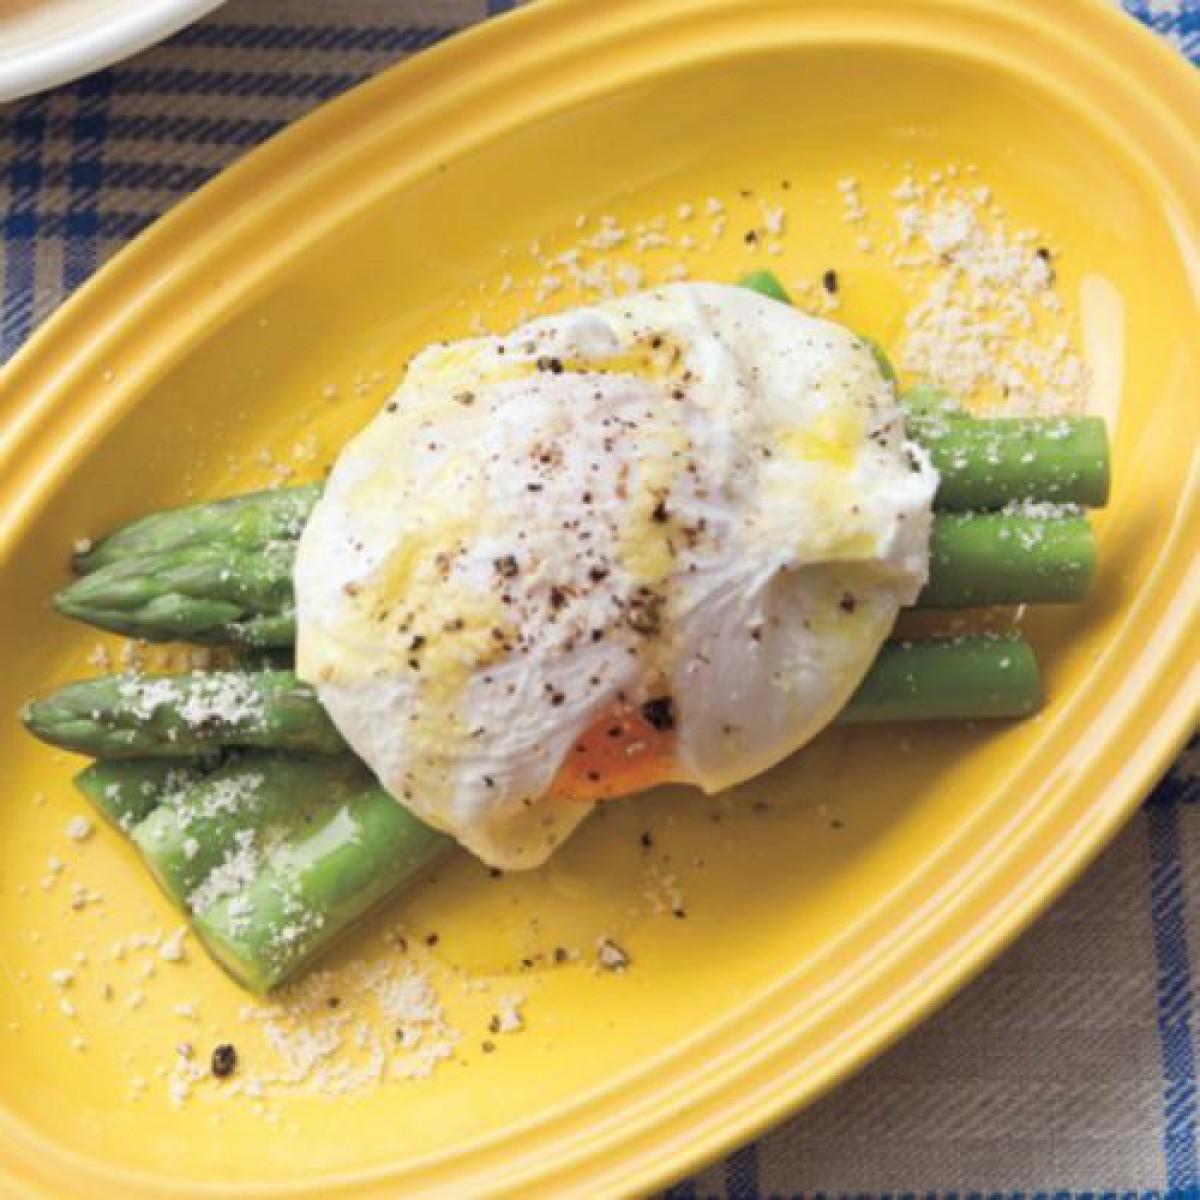 月~金で1パック使い切り! 野菜との組み合わせが嬉しい朝食にぴったりの卵料理5選